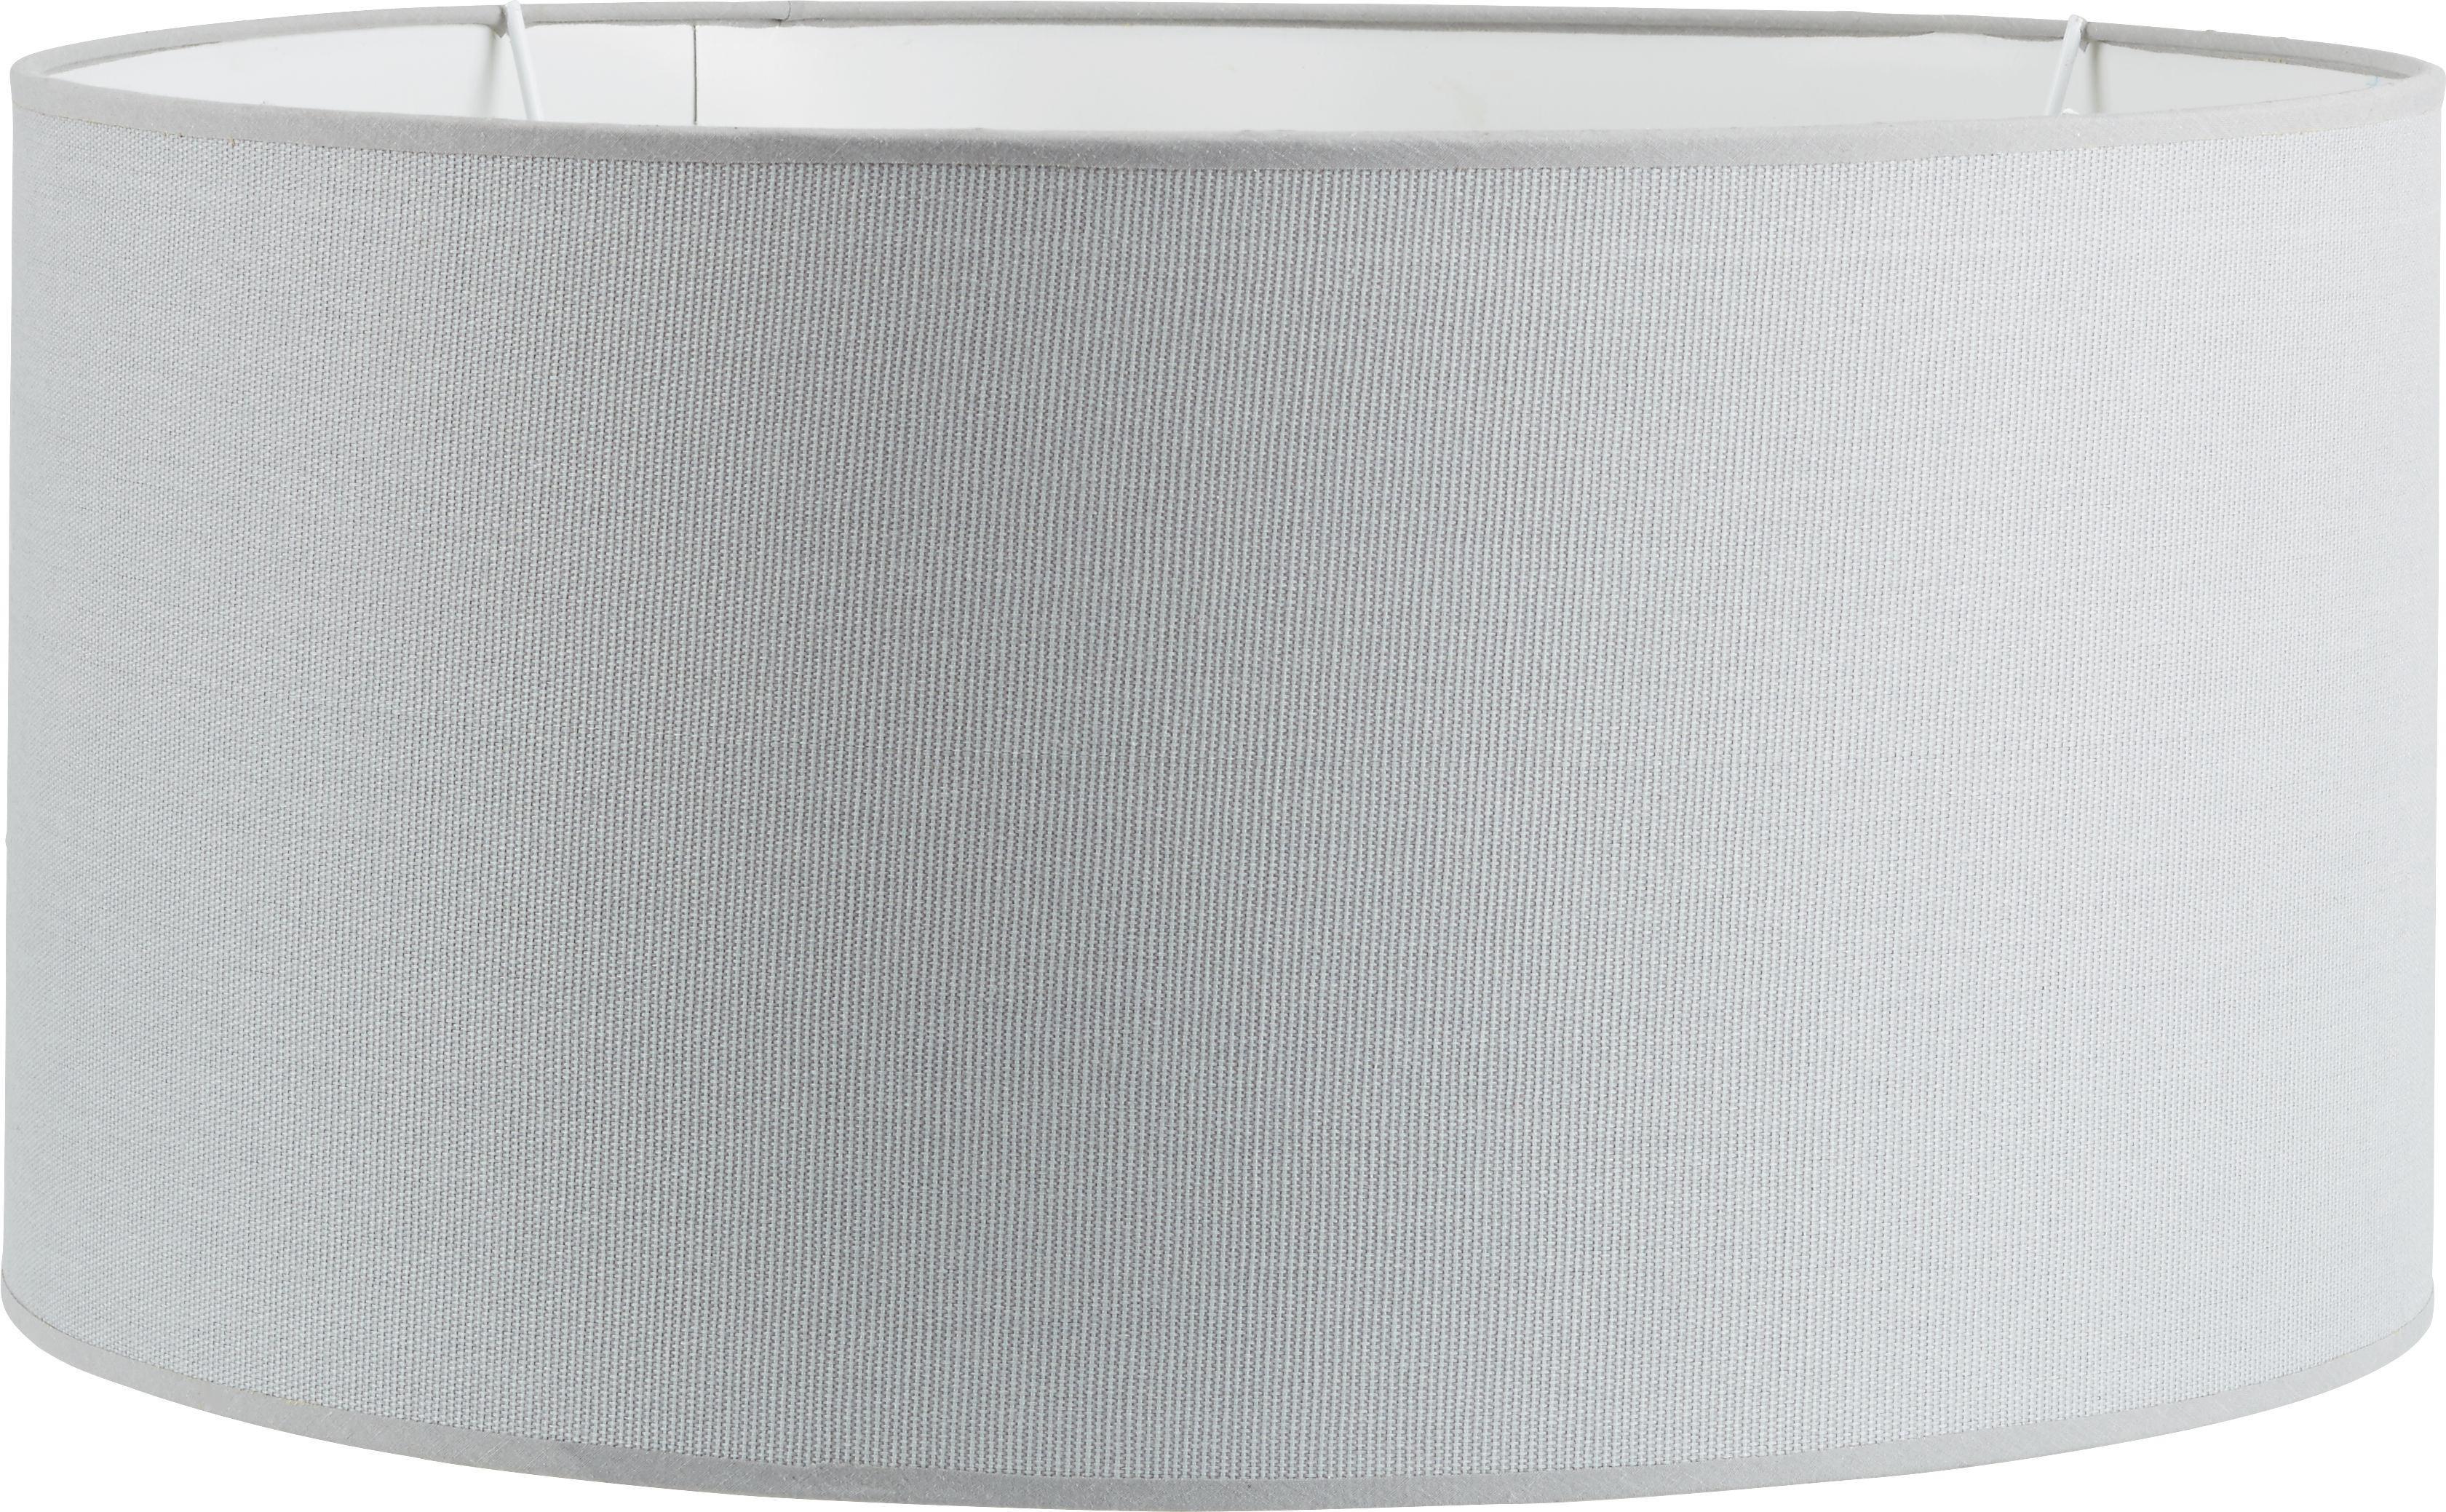 Lámpaernyő Arno - szürke, textil/fém (50/50/25cm) - MÖMAX modern living